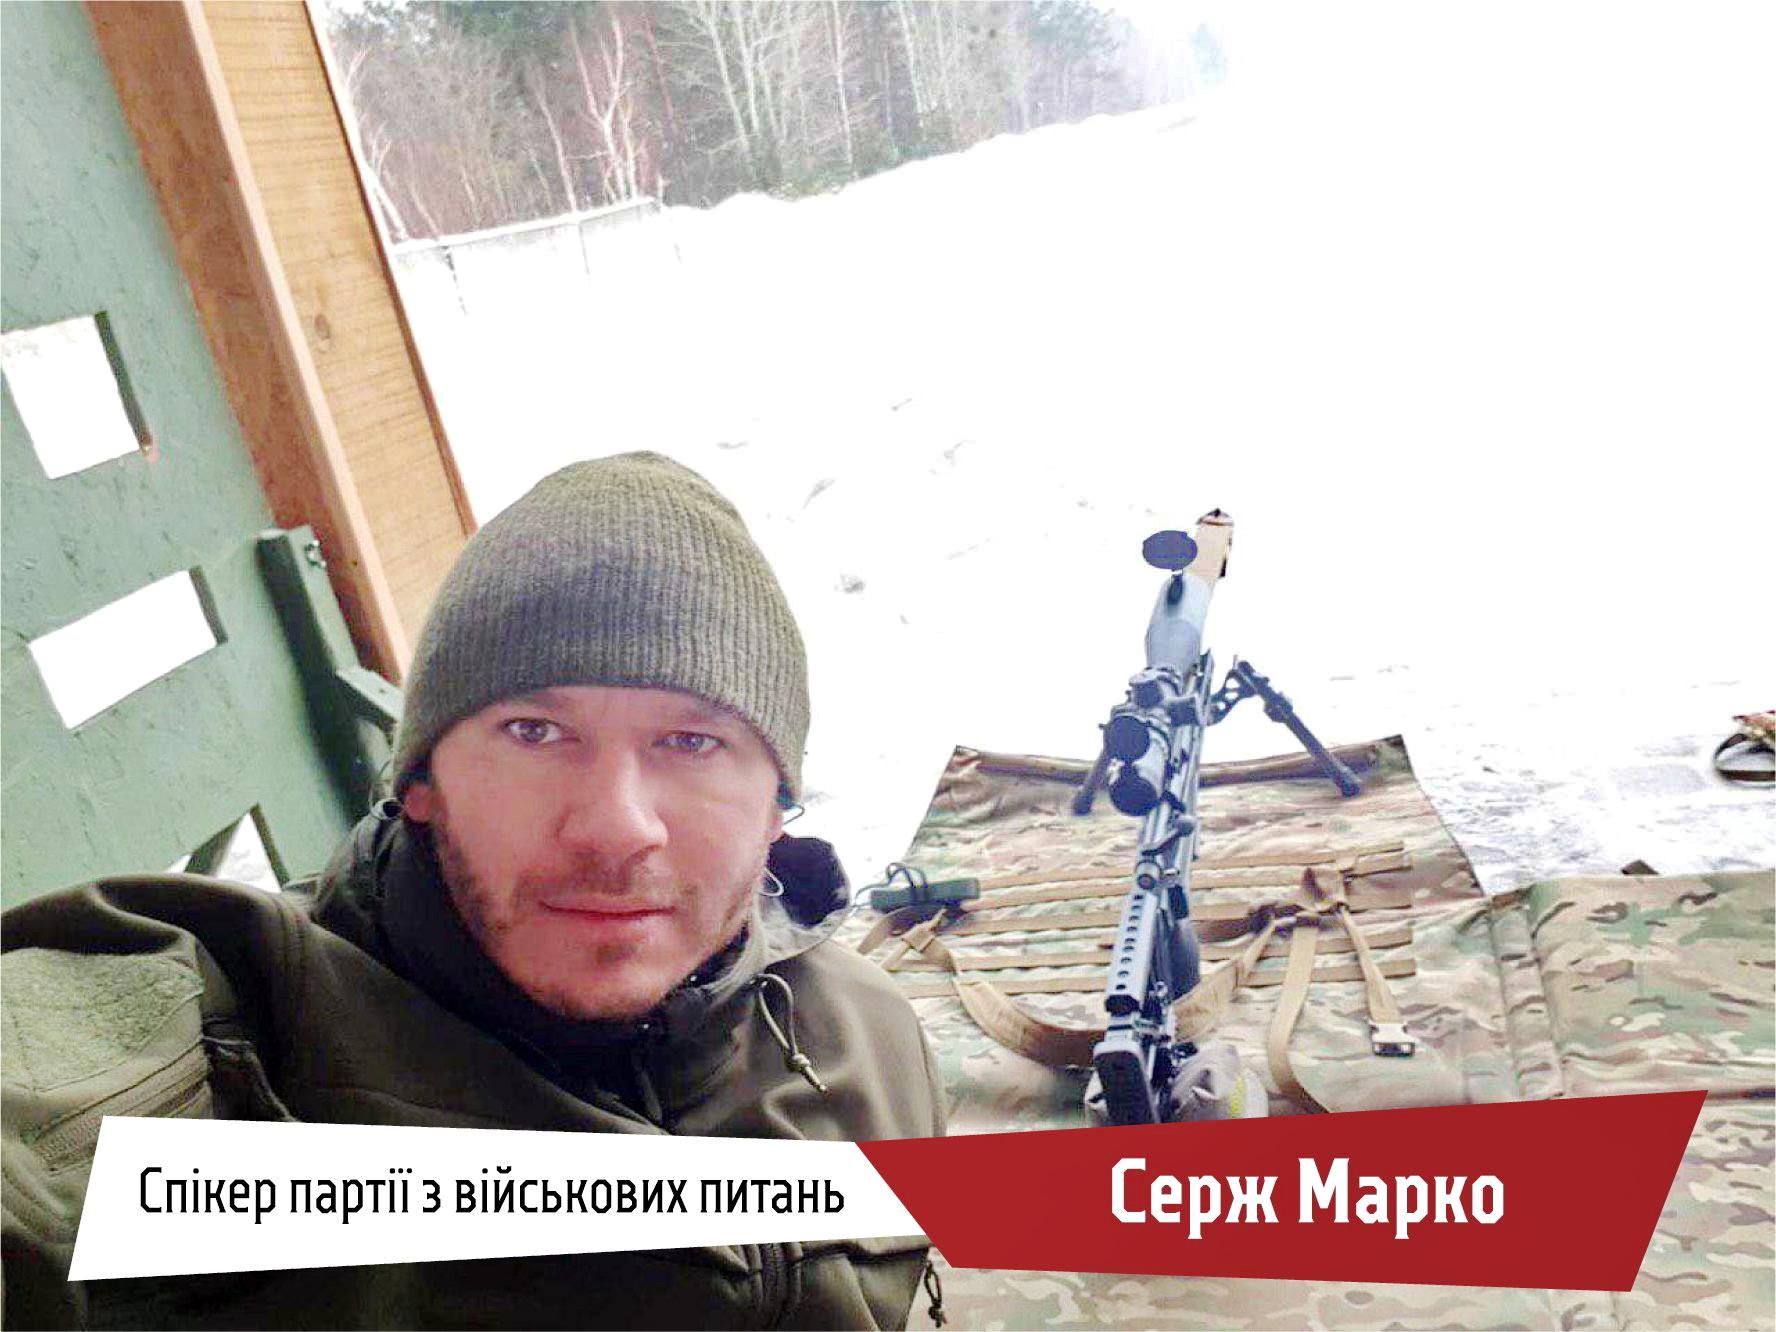 Немає ніякої економічної блокади Донбасу, є питання тимчасової заборони переміщення вантажів, - Кучма - Цензор.НЕТ 5135